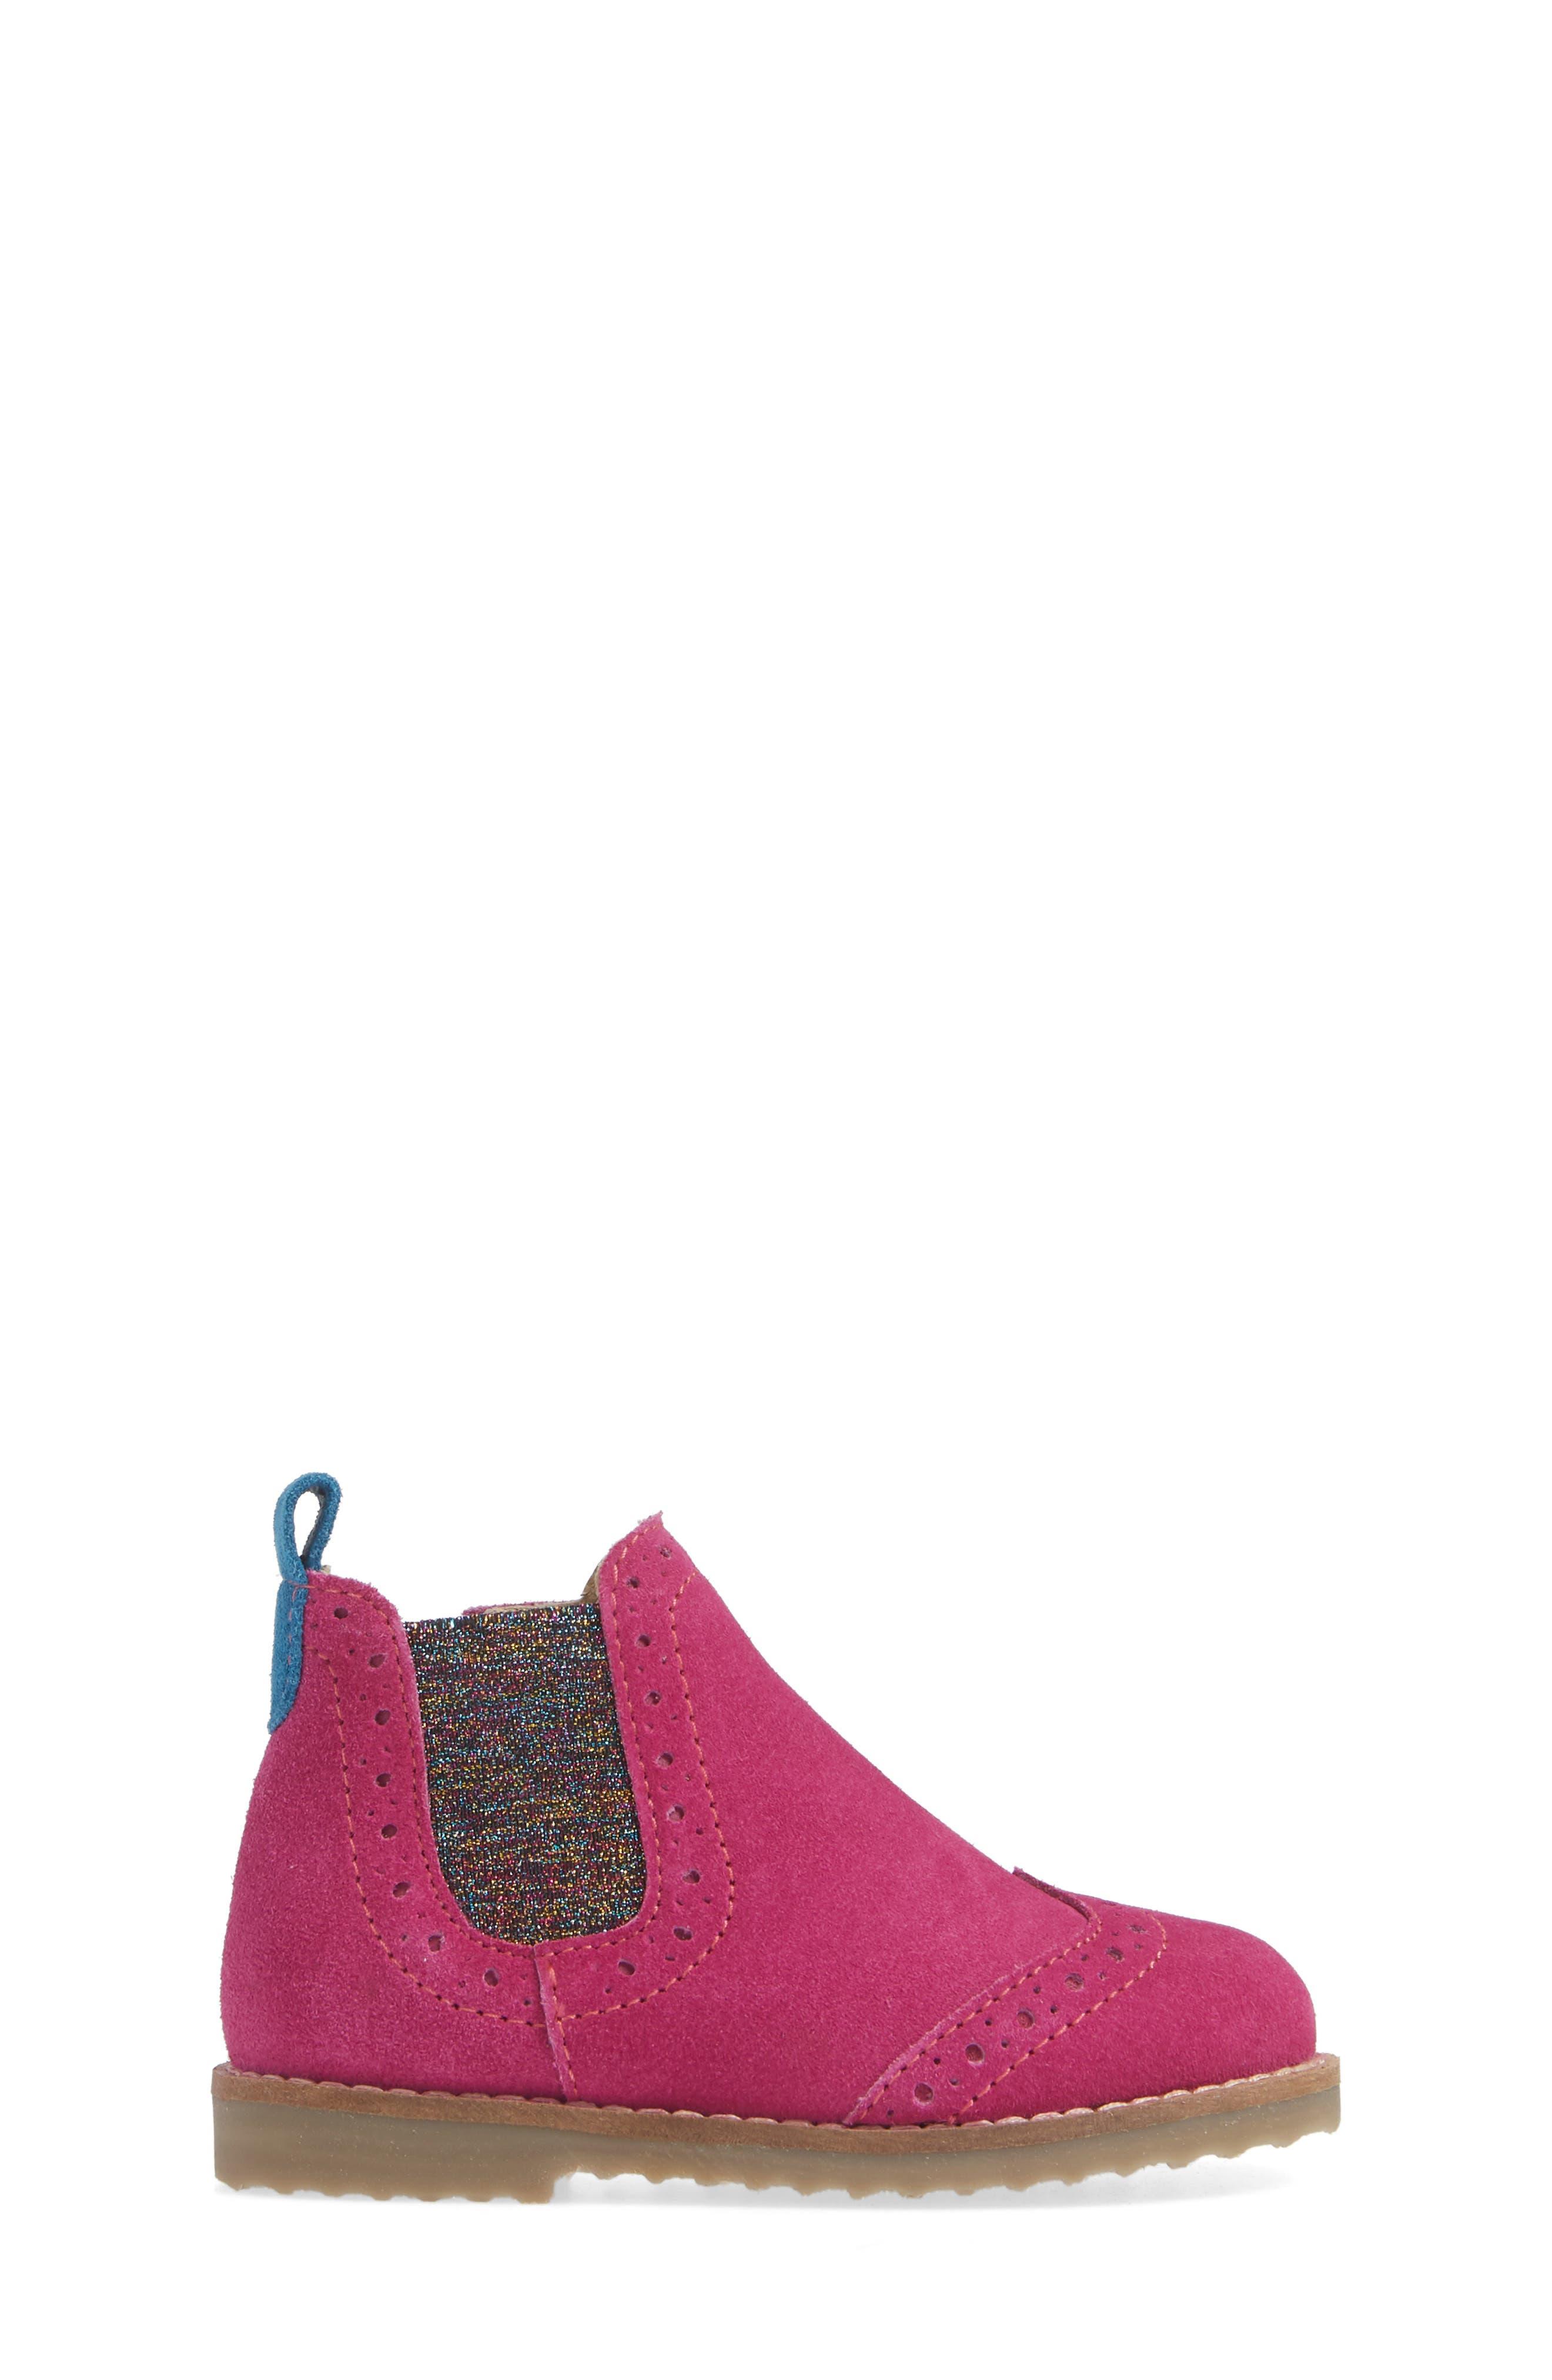 Chelsea Boot,                             Alternate thumbnail 3, color,                             REGAL PURPLE